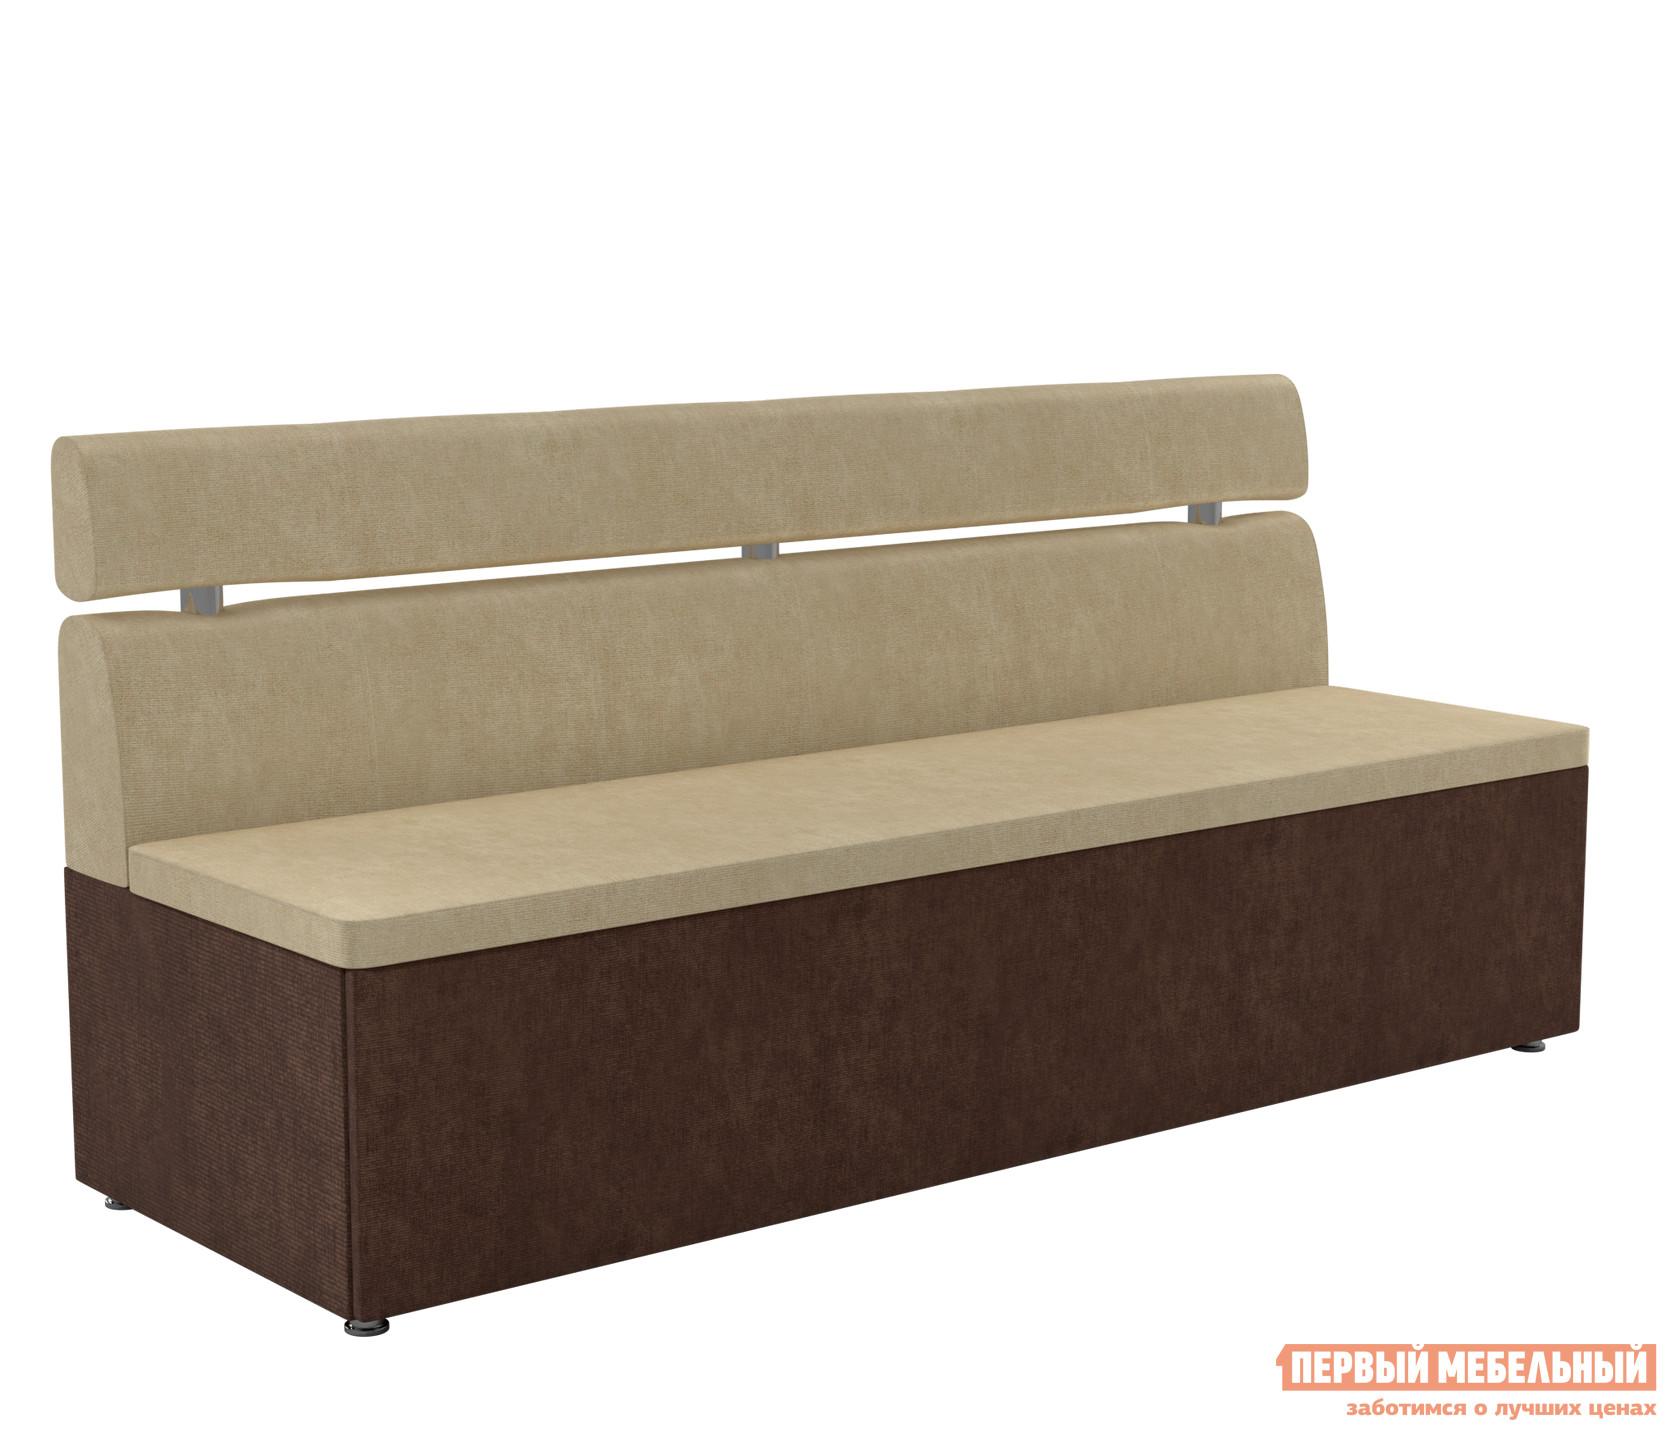 Кухонный диван Мебелико Кухонный диван Классик